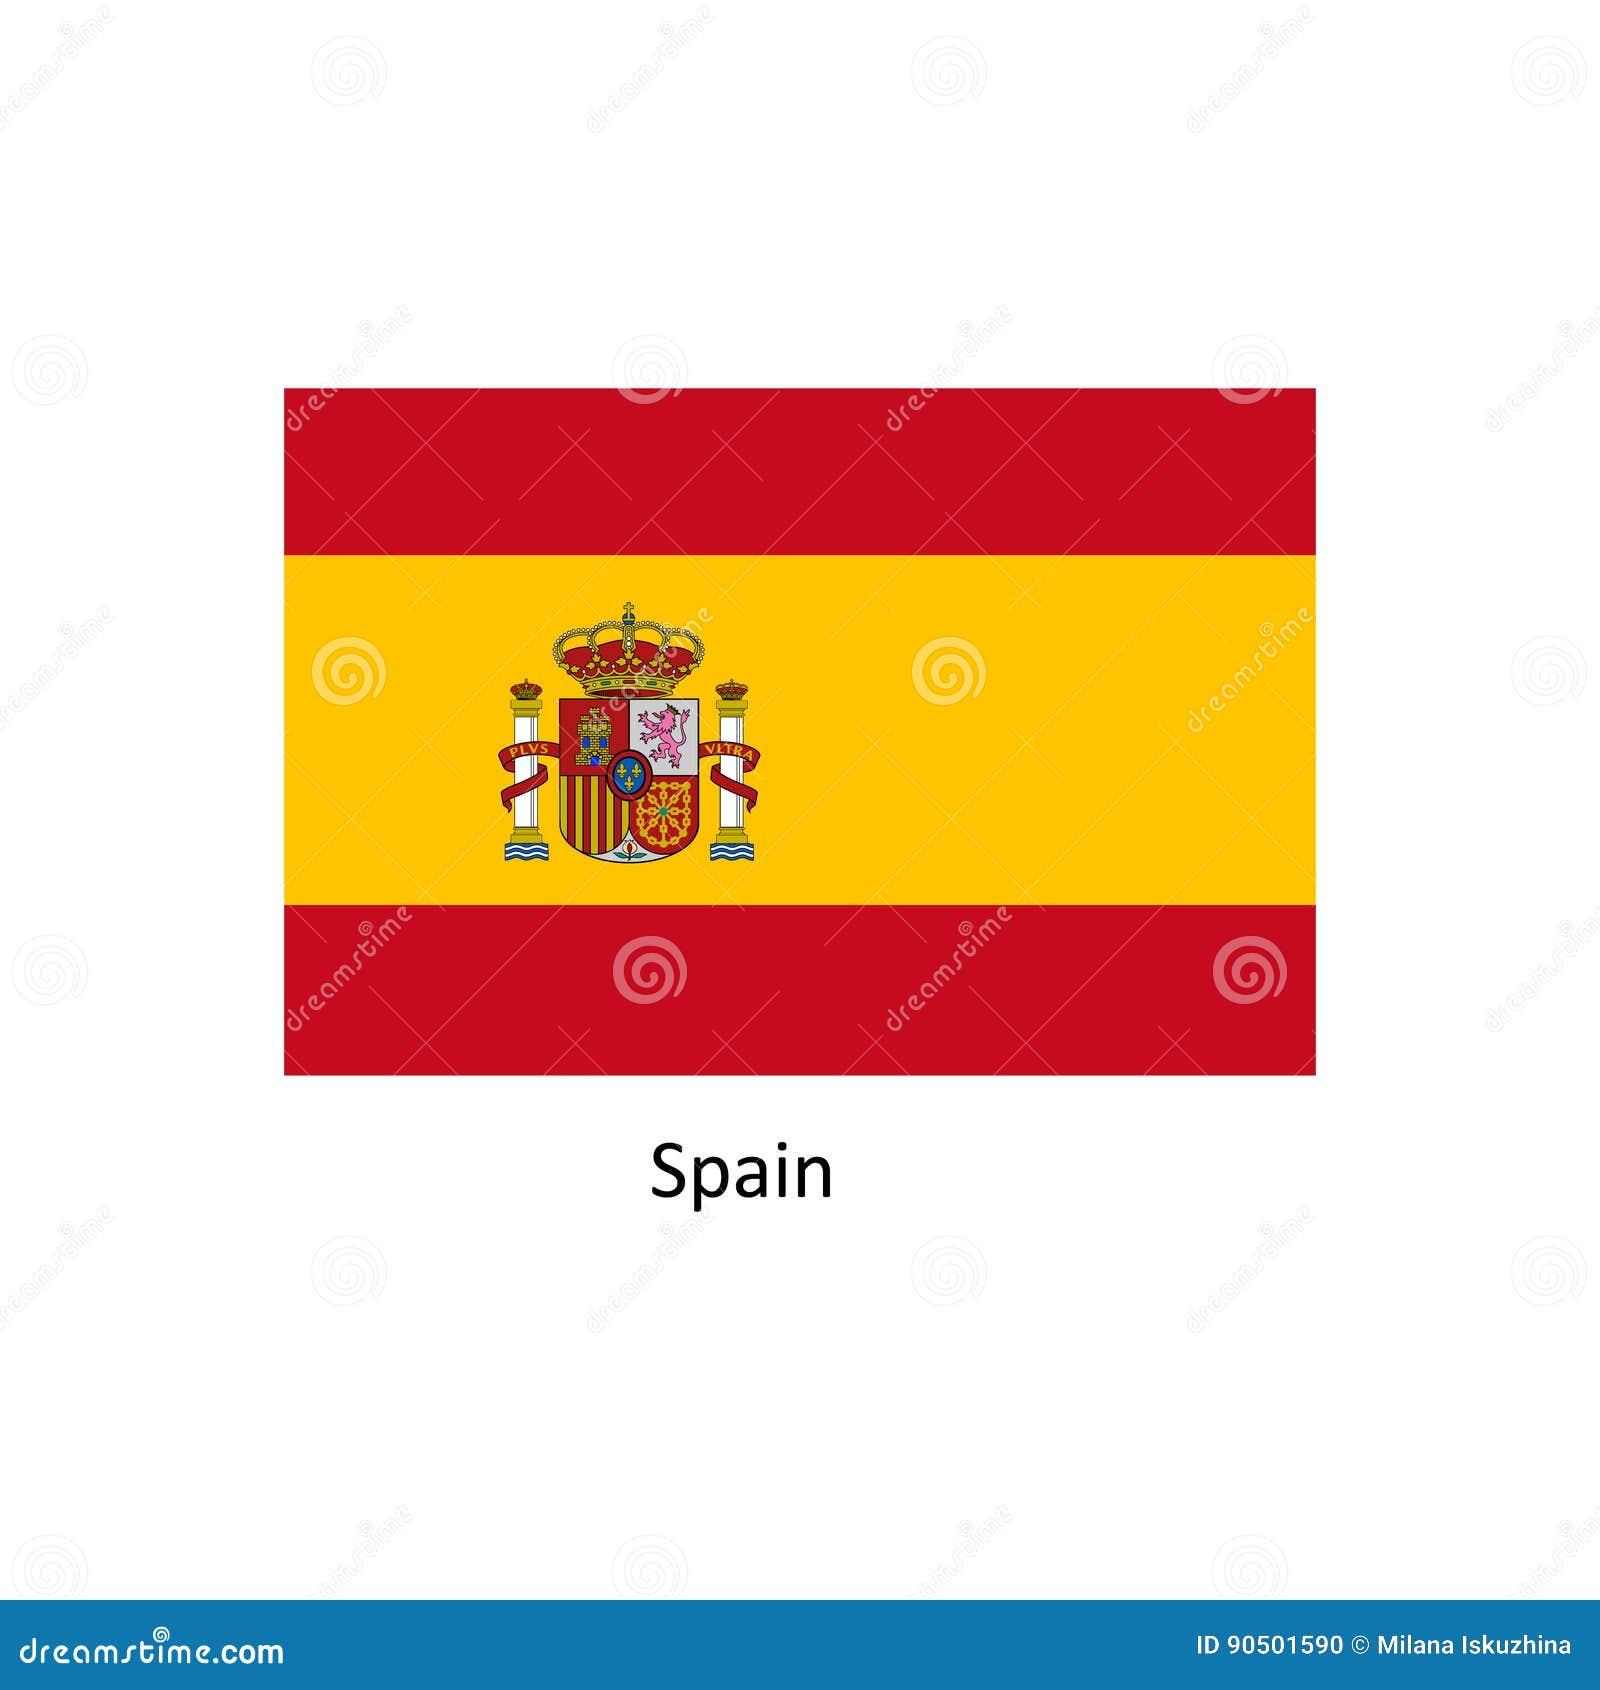 Διανυσματική σημαία της Ισπανίας, απεικόνιση σημαιών της Ισπανίας, εικόνα σημαιών της Ισπανίας